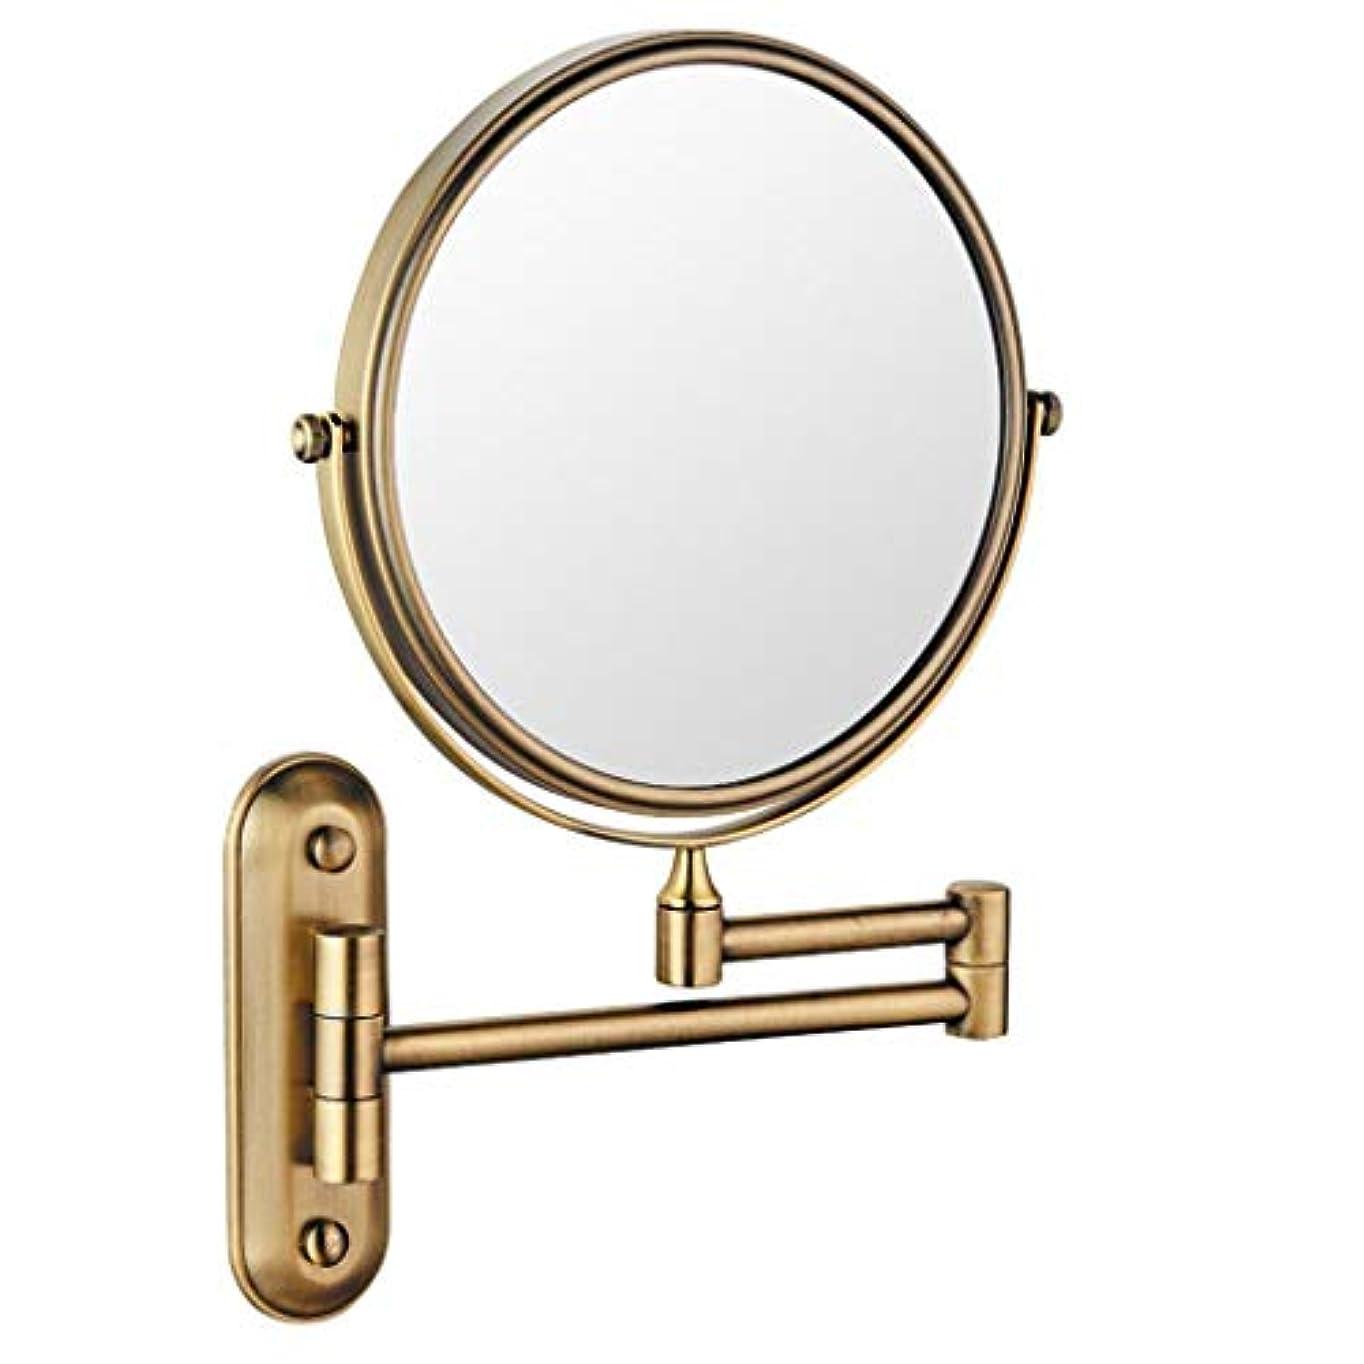 HUYYA シェービングミラー 壁付、バスルームメイクアップミラー 6インチ360度回転 化粧鏡 両面 バニティミラー 丸め 寝室や浴室に適しています,Antique_3x